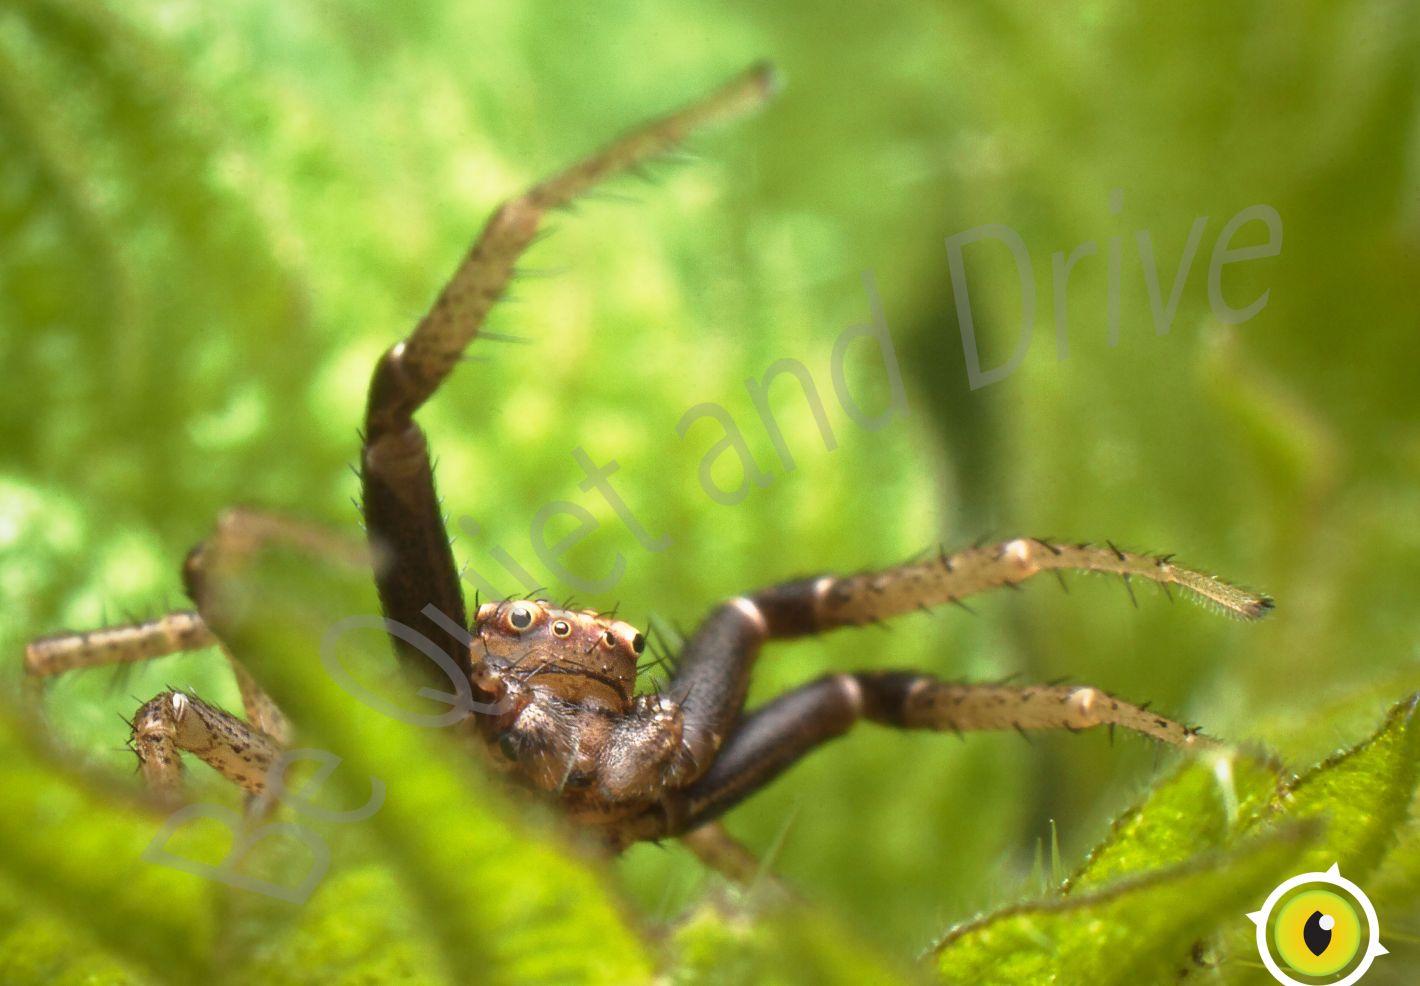 Une araignée Xysticus ulmi en gros plan